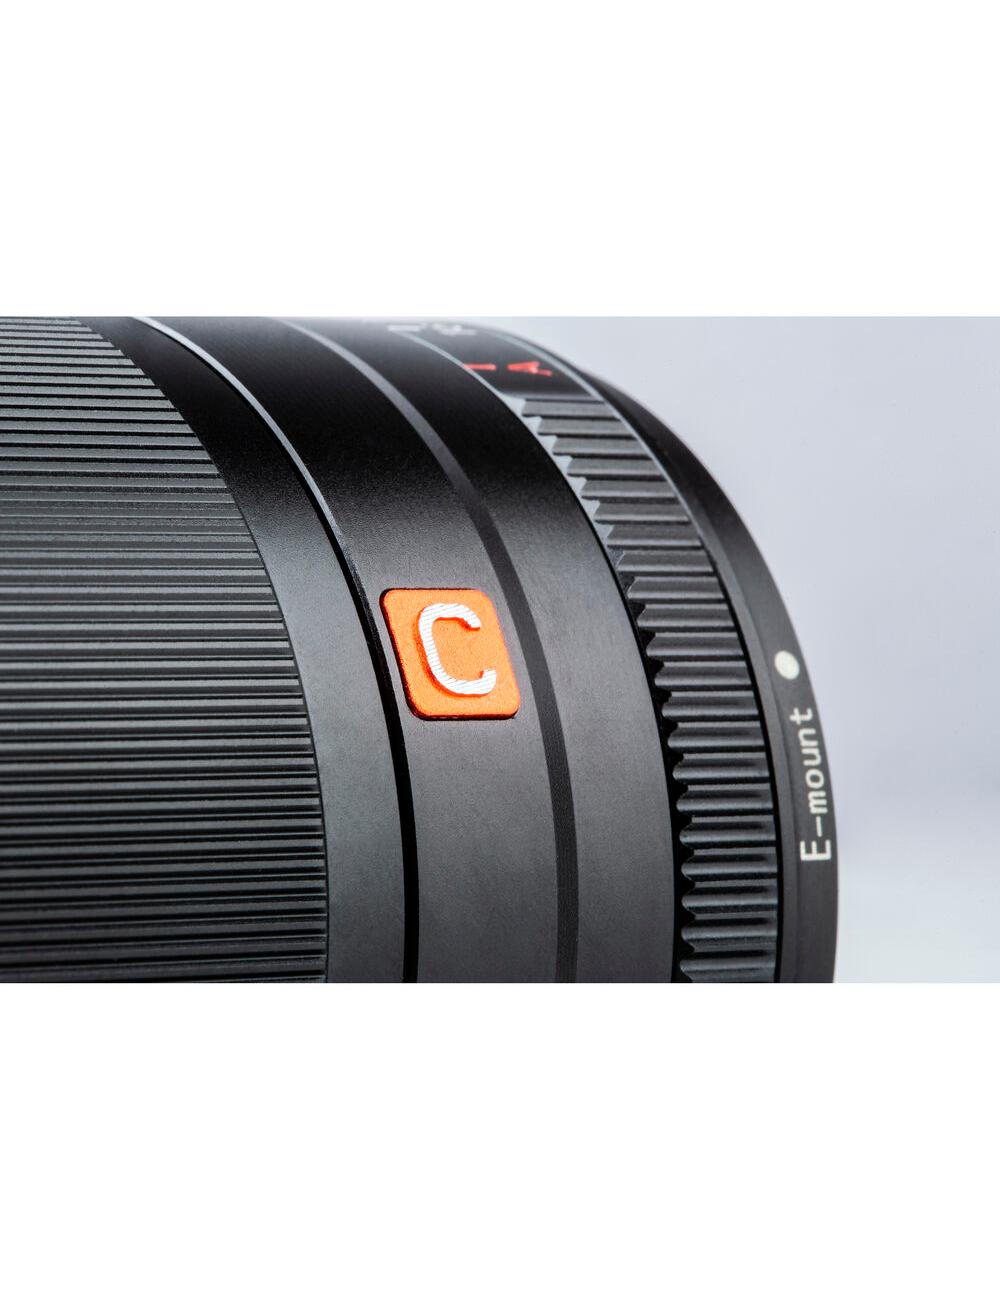 Cámara Xt-2 Fujifilm NEGRA para Fotografía y Video 4K Mirrorless con Wifi Con lente 18-55